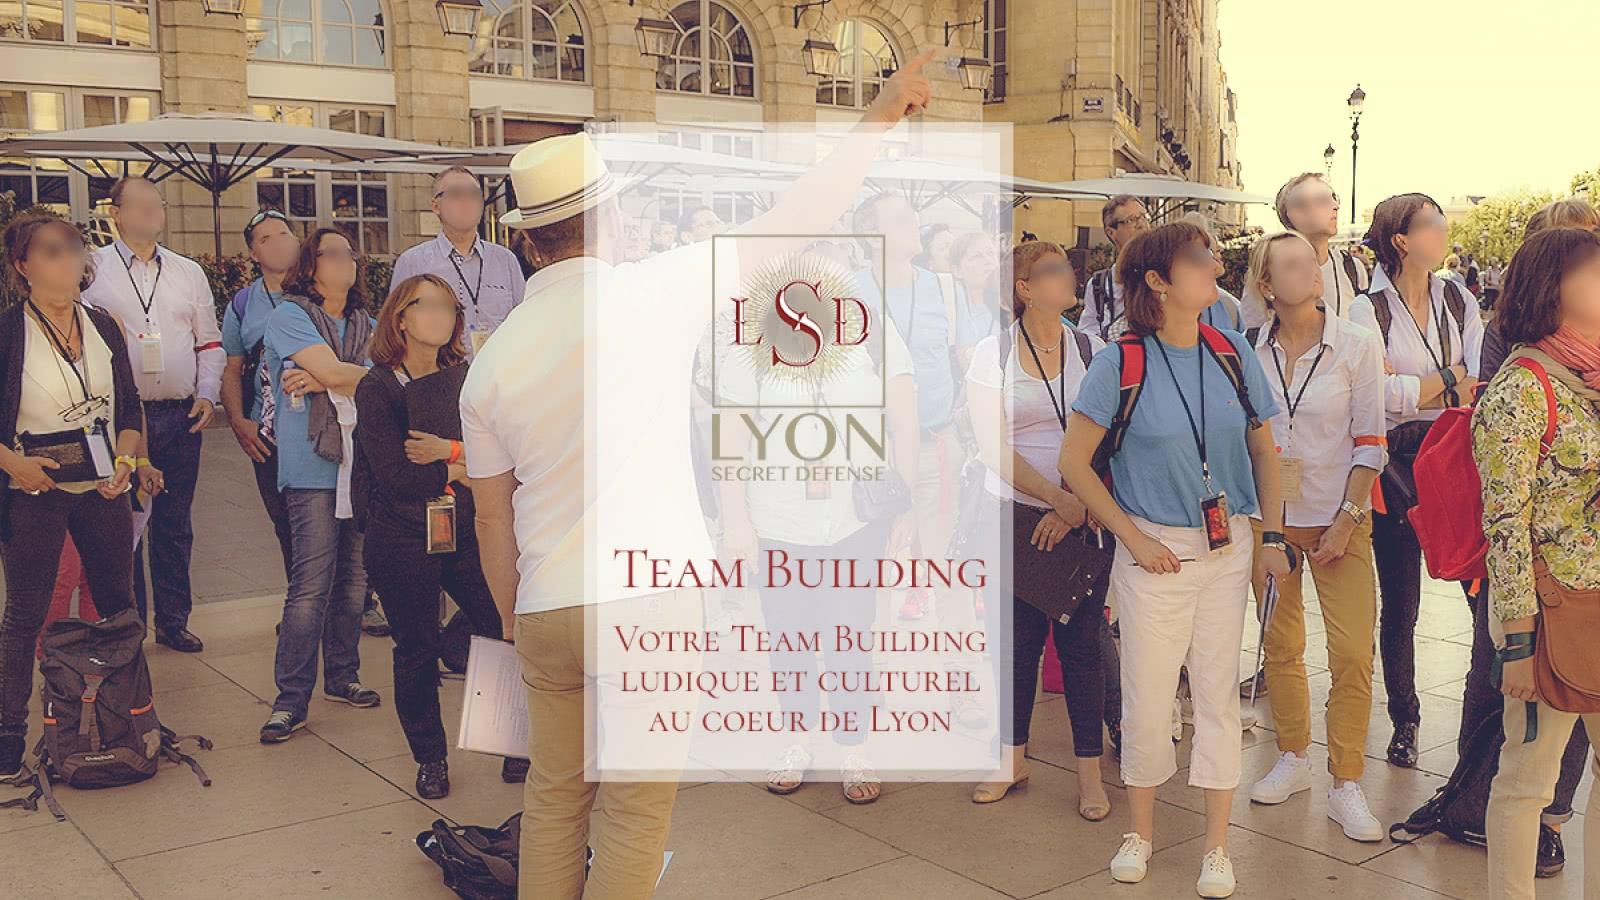 Proposez à votre équipe un team building ludique et culturel au coeur de Lyon